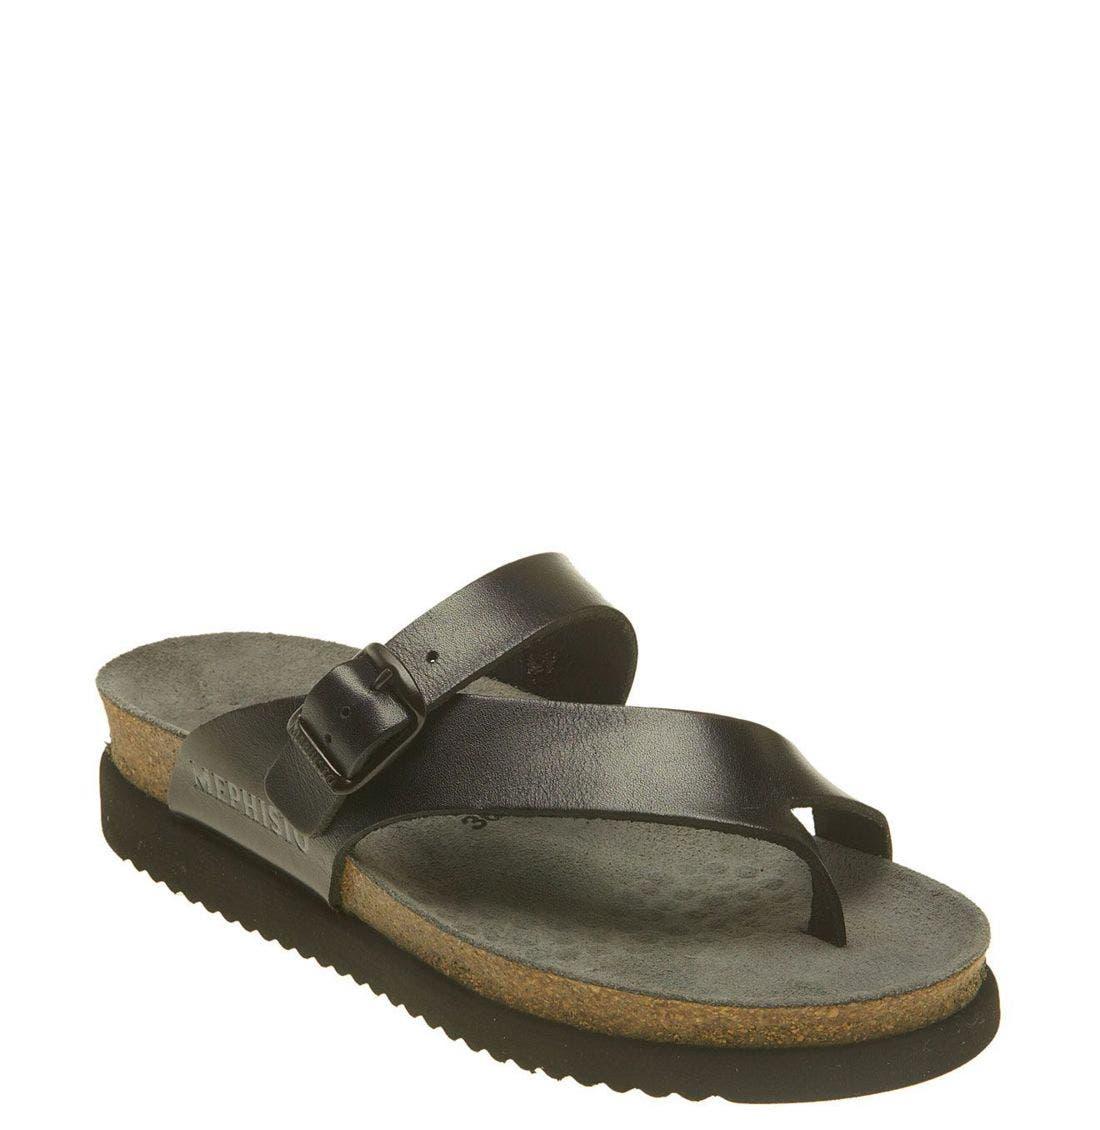 25d0a92600ec Flip-Flops   Sandals for Women